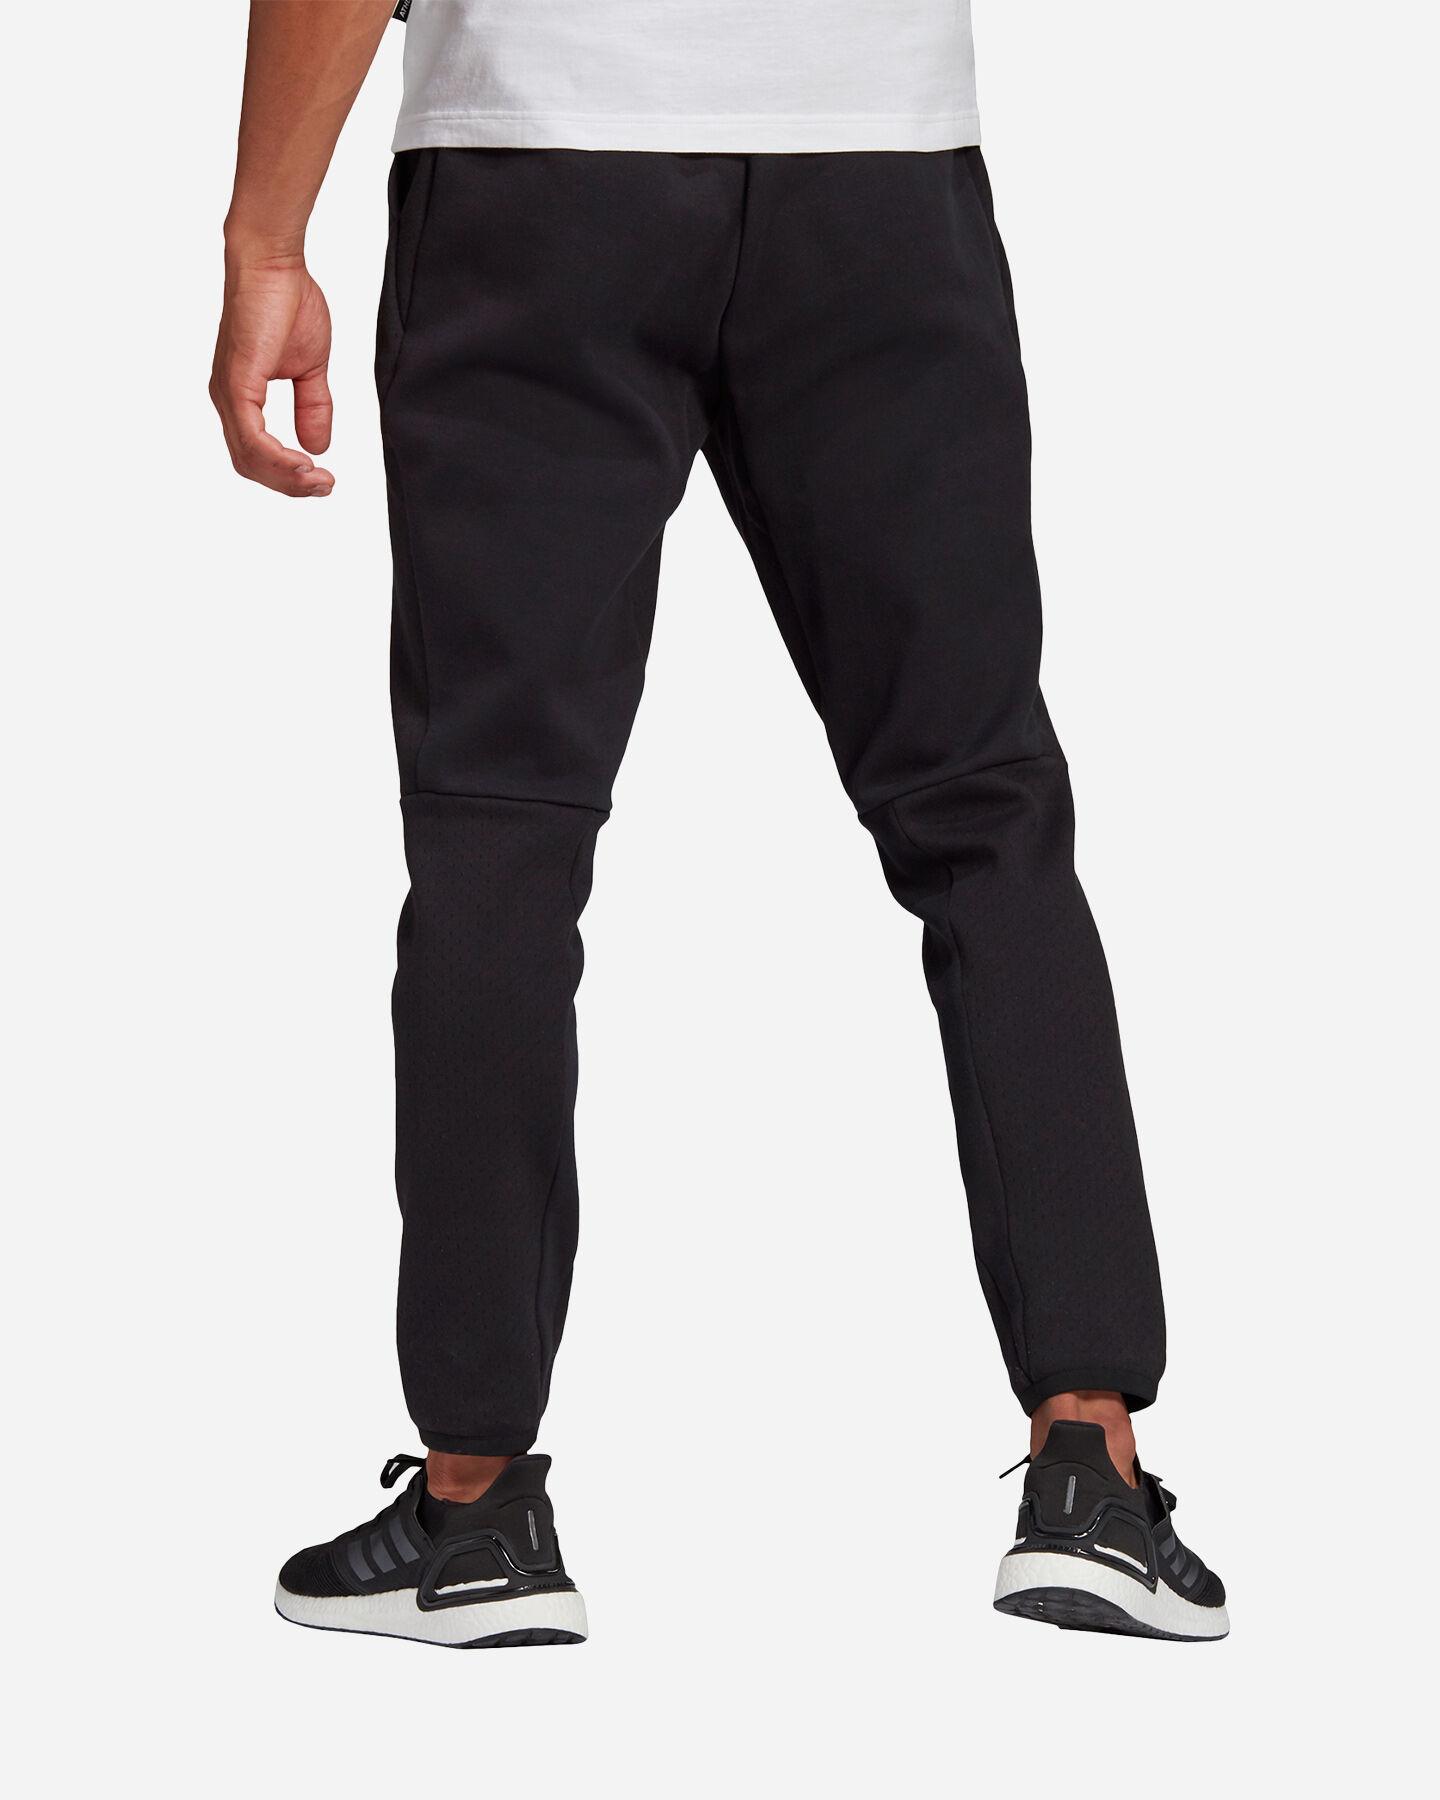 Pantalone ADIDAS ZONE M S5228113 scatto 4